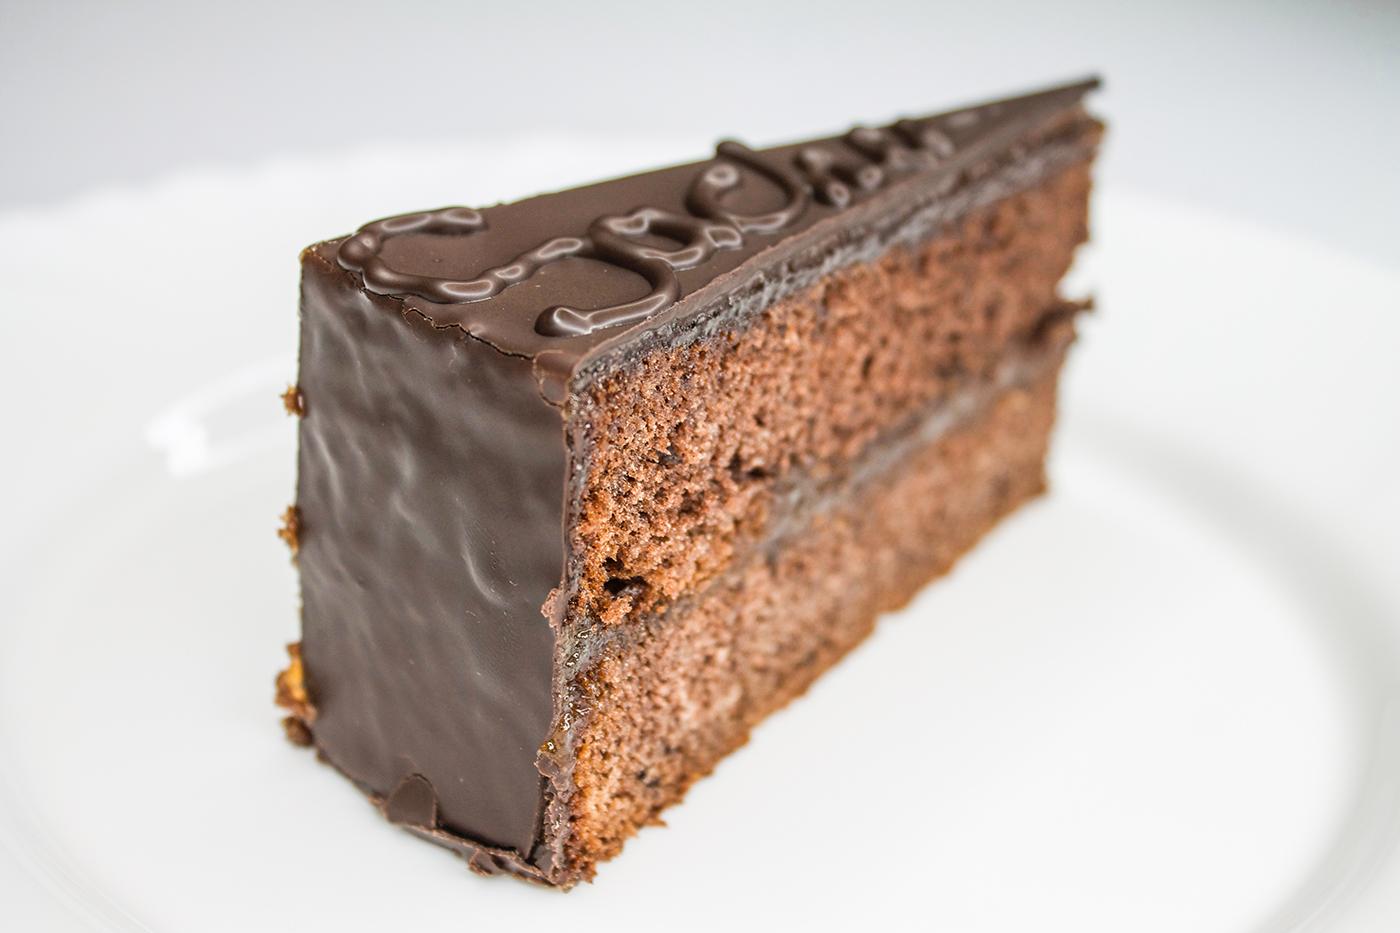 Gluténmentes, lisztmentes, cukormentes, tejmentes, laktózmentes, tartósítószer-mentes, térfogatnövelő-mentes, habosítómentes, ízfokozómentes, színezékmentes, idegméregmentes, mindenmentes, egészséges, Paleo Sacher torta